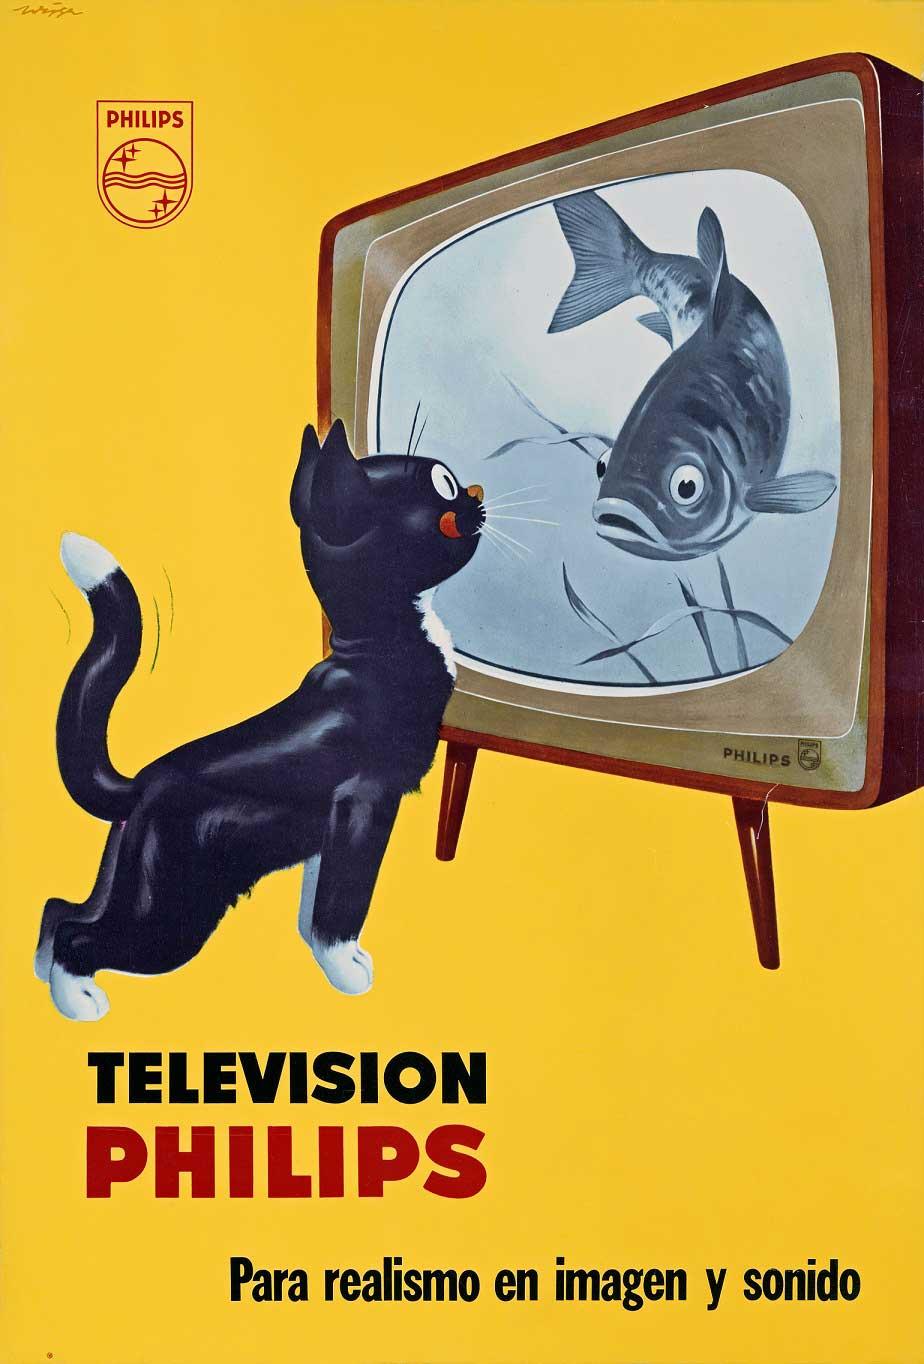 evoluzione della tv: pubblicità Philips dei primi anni '60 rivolta al mercato spagnolo.